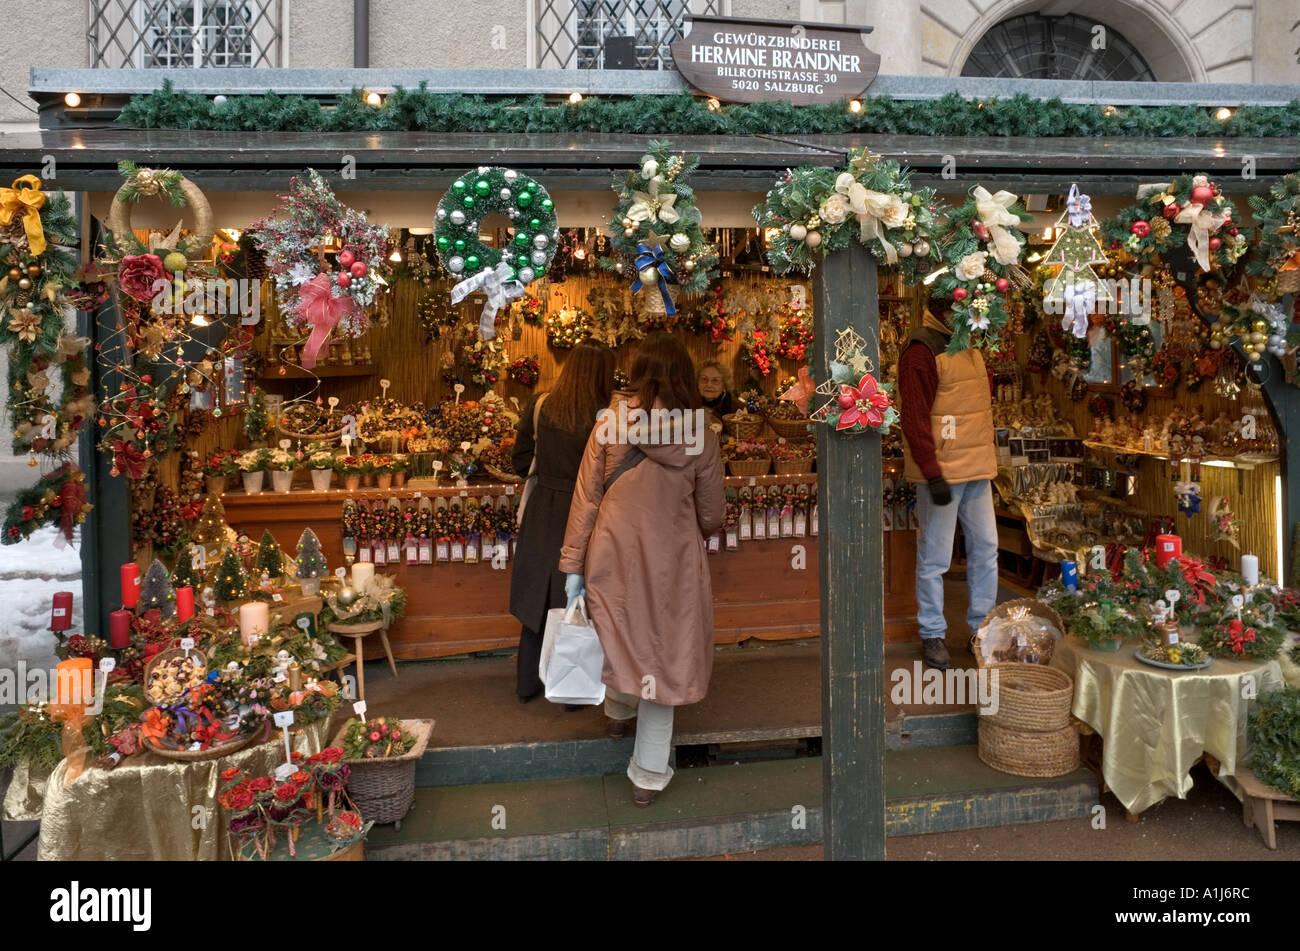 Stand auf dem Weihnachtsmarkt in Domplatz (Domplatz), Altstadt (Altstadt), Salzburg, Österreich Stockbild